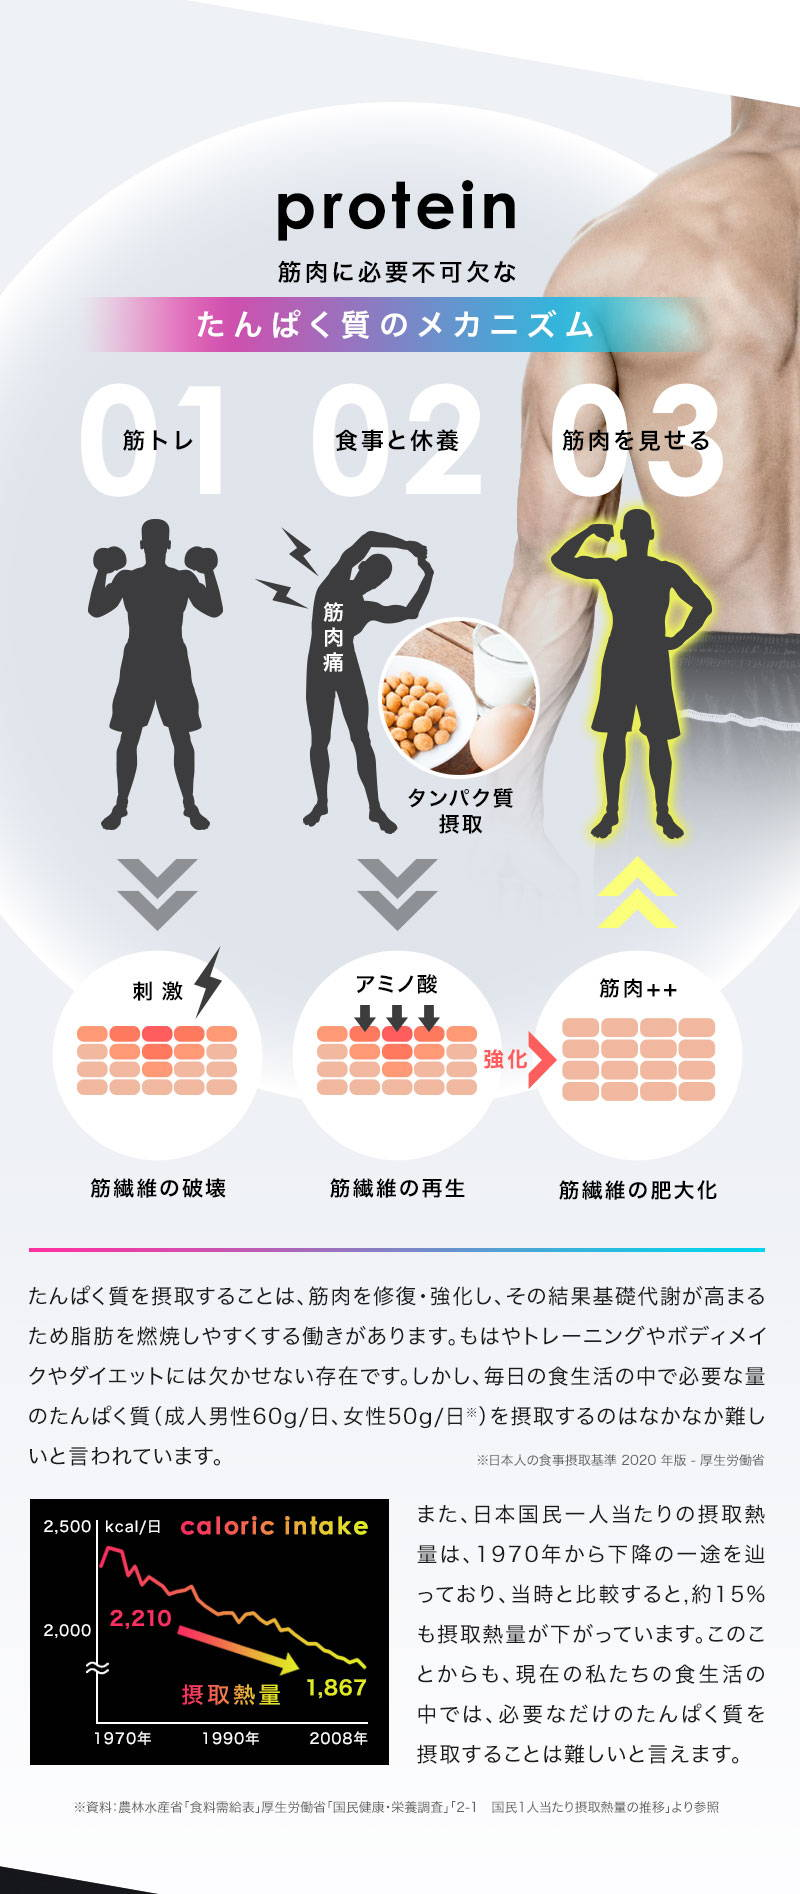 protein 筋肉に必要不可欠なたんぱく質のメカニズム 筋トレ 食事と休養 筋肉を見せる 筋肉痛 タンパク質摂取 刺激 アミノ酸 筋肉++ 筋繊維の破壊 筋繊維の再生 筋繊維の肥大化 たんぱく質を摂取することは、筋肉を修復・強化し、その結果基礎代謝が高まるため脂肪を燃焼しやすくする働きがあります。もはやトレーニングやボディメイクやダイエットには欠かせない存在です。しかし、毎日の食生活の中で必要な量のたんぱく質(成人男性60g/日、女性50g/日)を摂取するのはなかなか難しいと言われています。※日本人の食事摂取基準2020年版-厚生労働省 また、日本国民一人当たりの摂取熱量は、1970年から下降の一途を辿っており、当時と比較すると、約15%も摂取熱量が下がっています。このことからも、現在の私たちの食生活の中では、必要なだけのたんぱく質を摂取することは難しいと言えます。※資料:農林水産省「食糧需給表」厚生労働省「国民健康・栄養調査」「2-1 国民1人当たり摂取熱量の推移」より参照